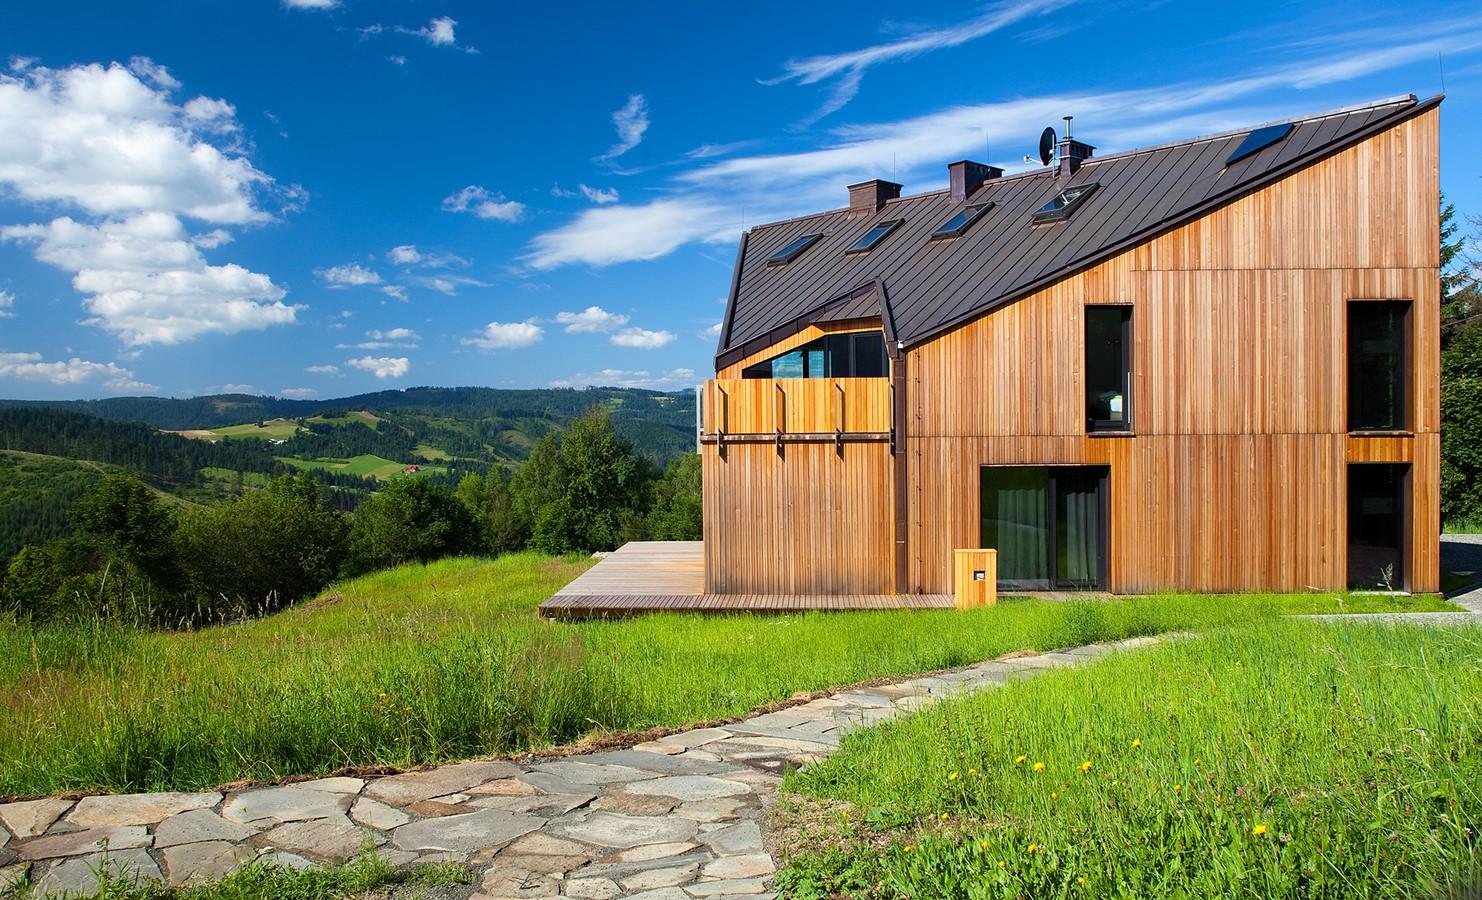 nowoczesny drewniany dom położony na wzgórzach